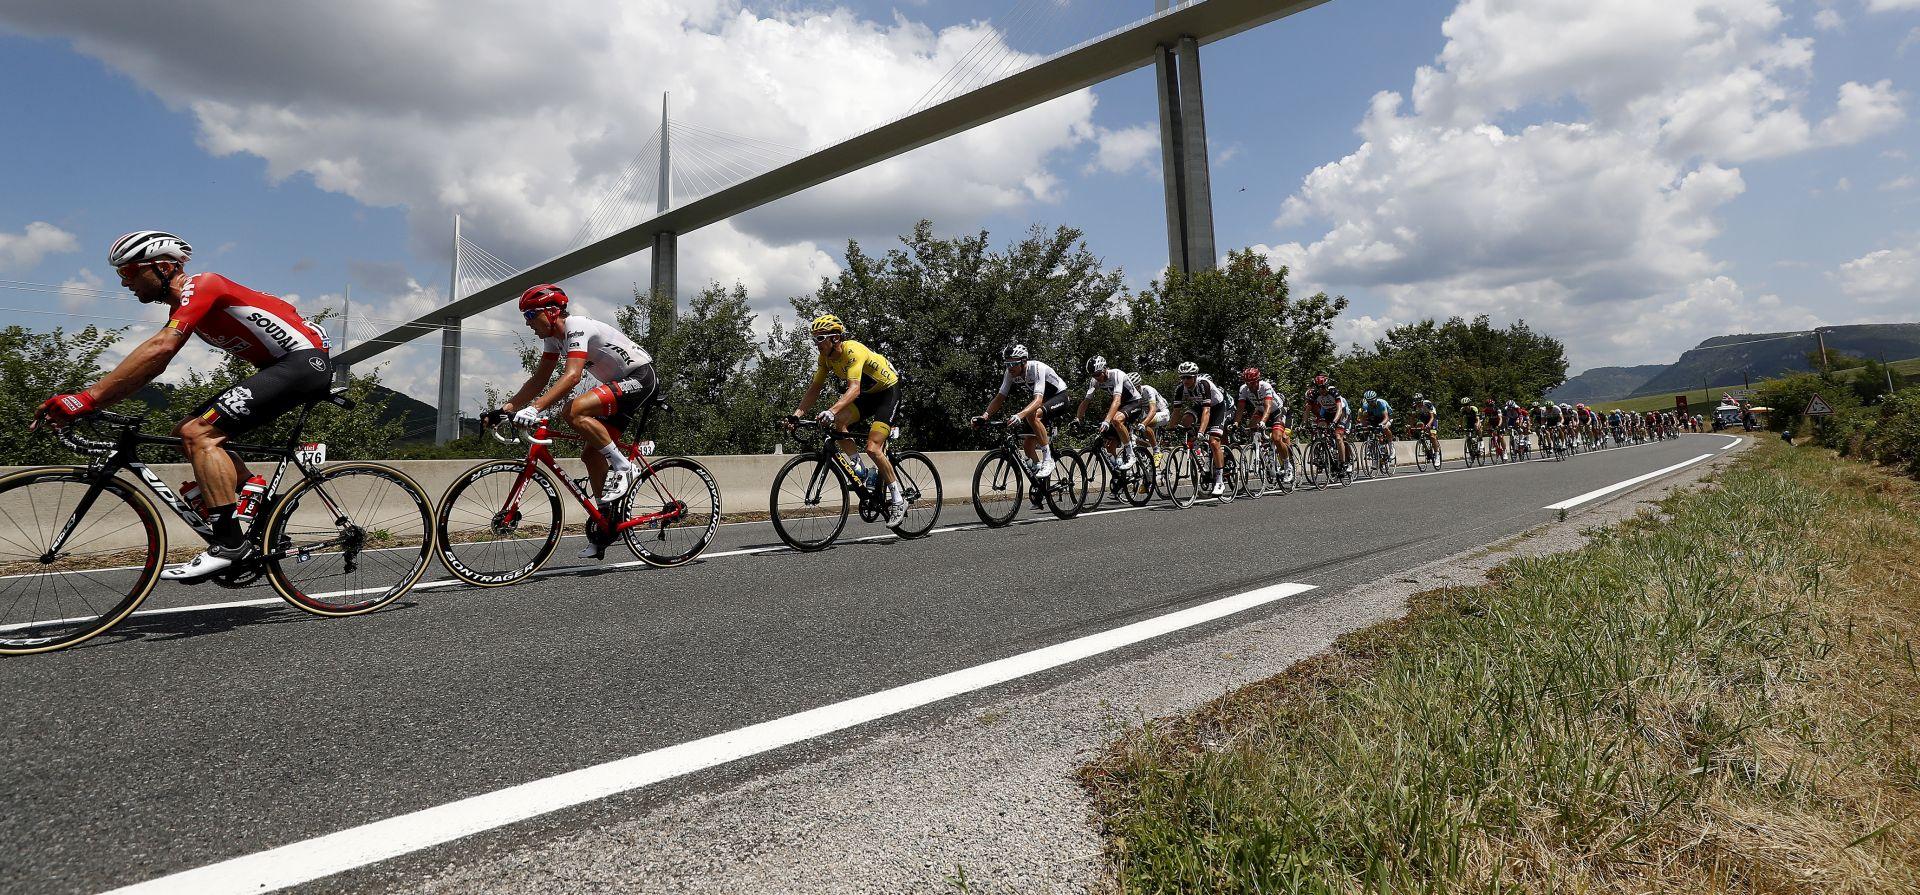 Nezadovoljni farmeri nakratko prekinuli 16. etapu Toura, policija ih rastjerala suzavcem